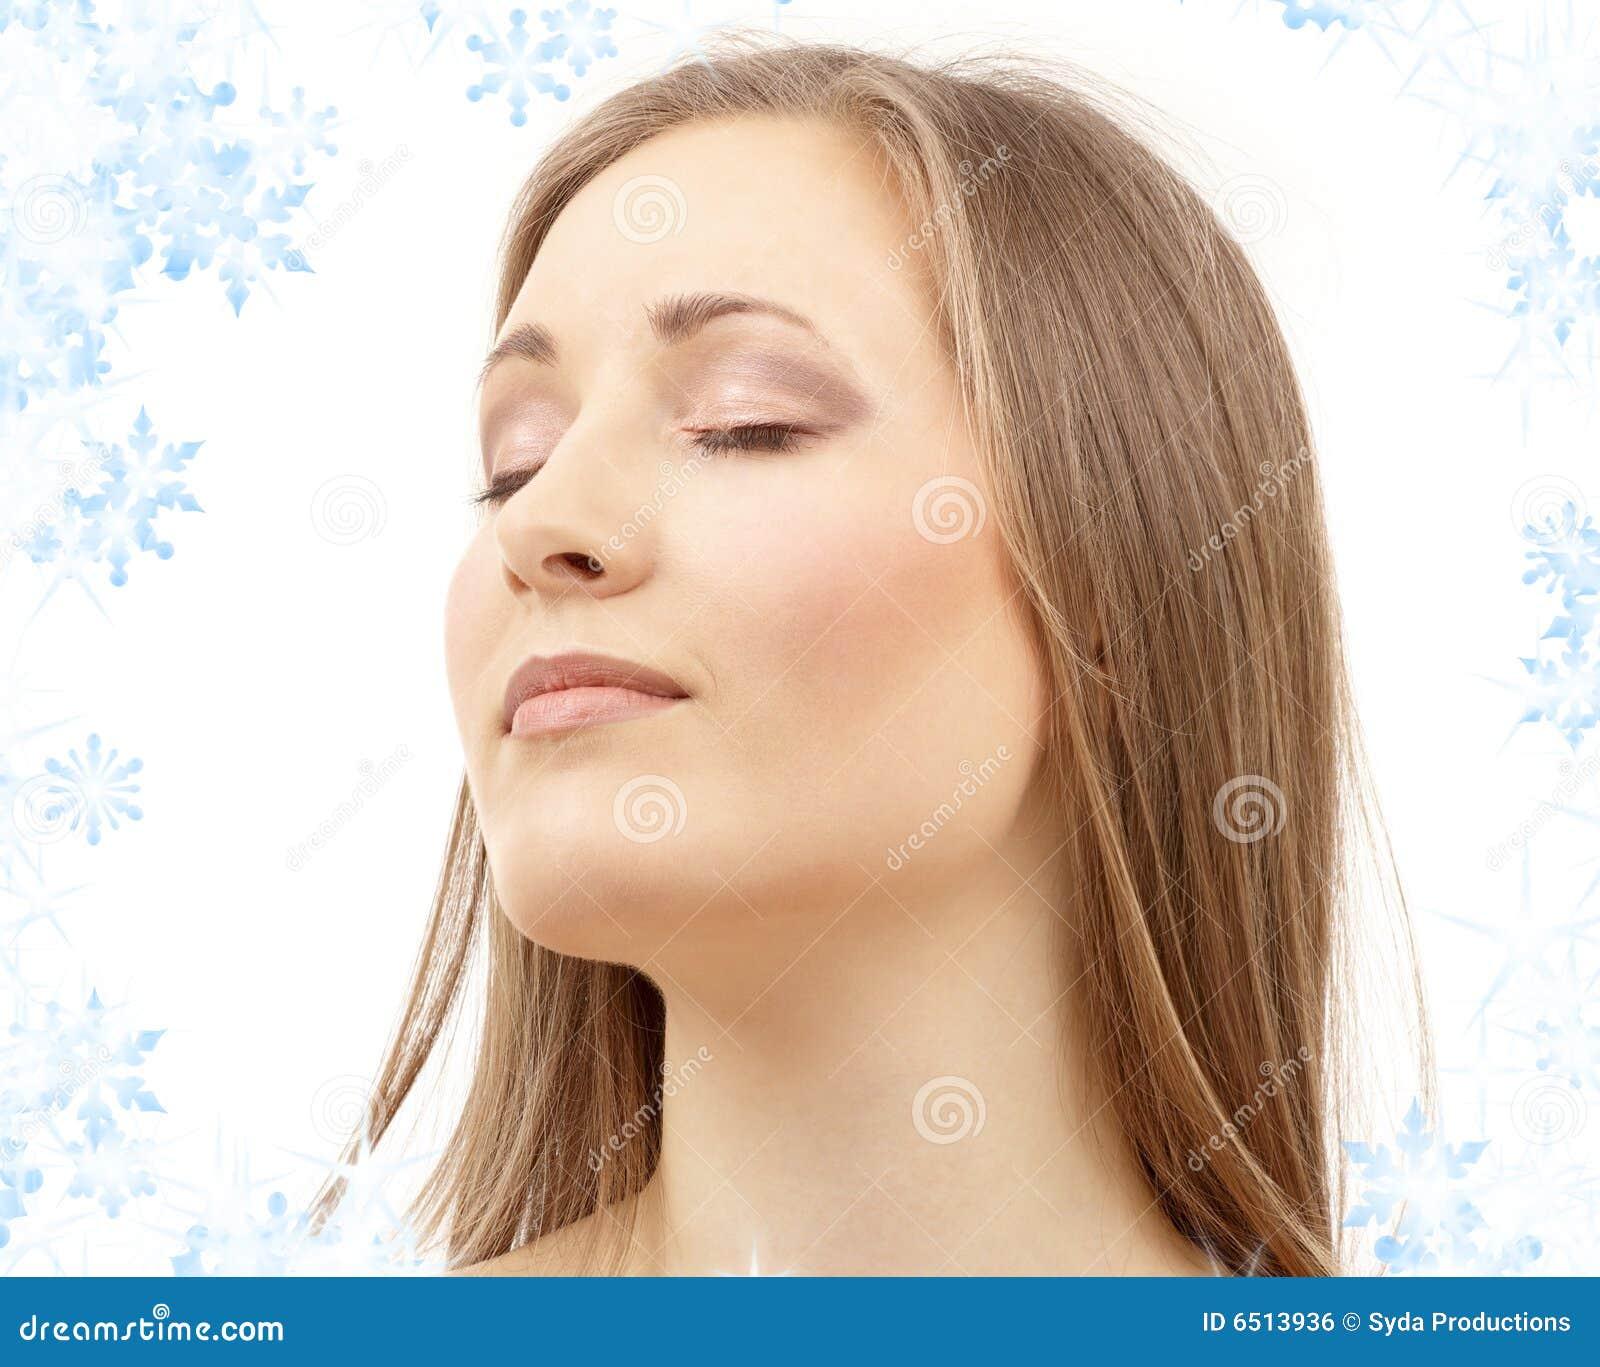 Armario Metal Tok Stok ~ Mulher Bonita Com Olhos Fechados Imagem de Stock Royalty Free Imagem 6513936